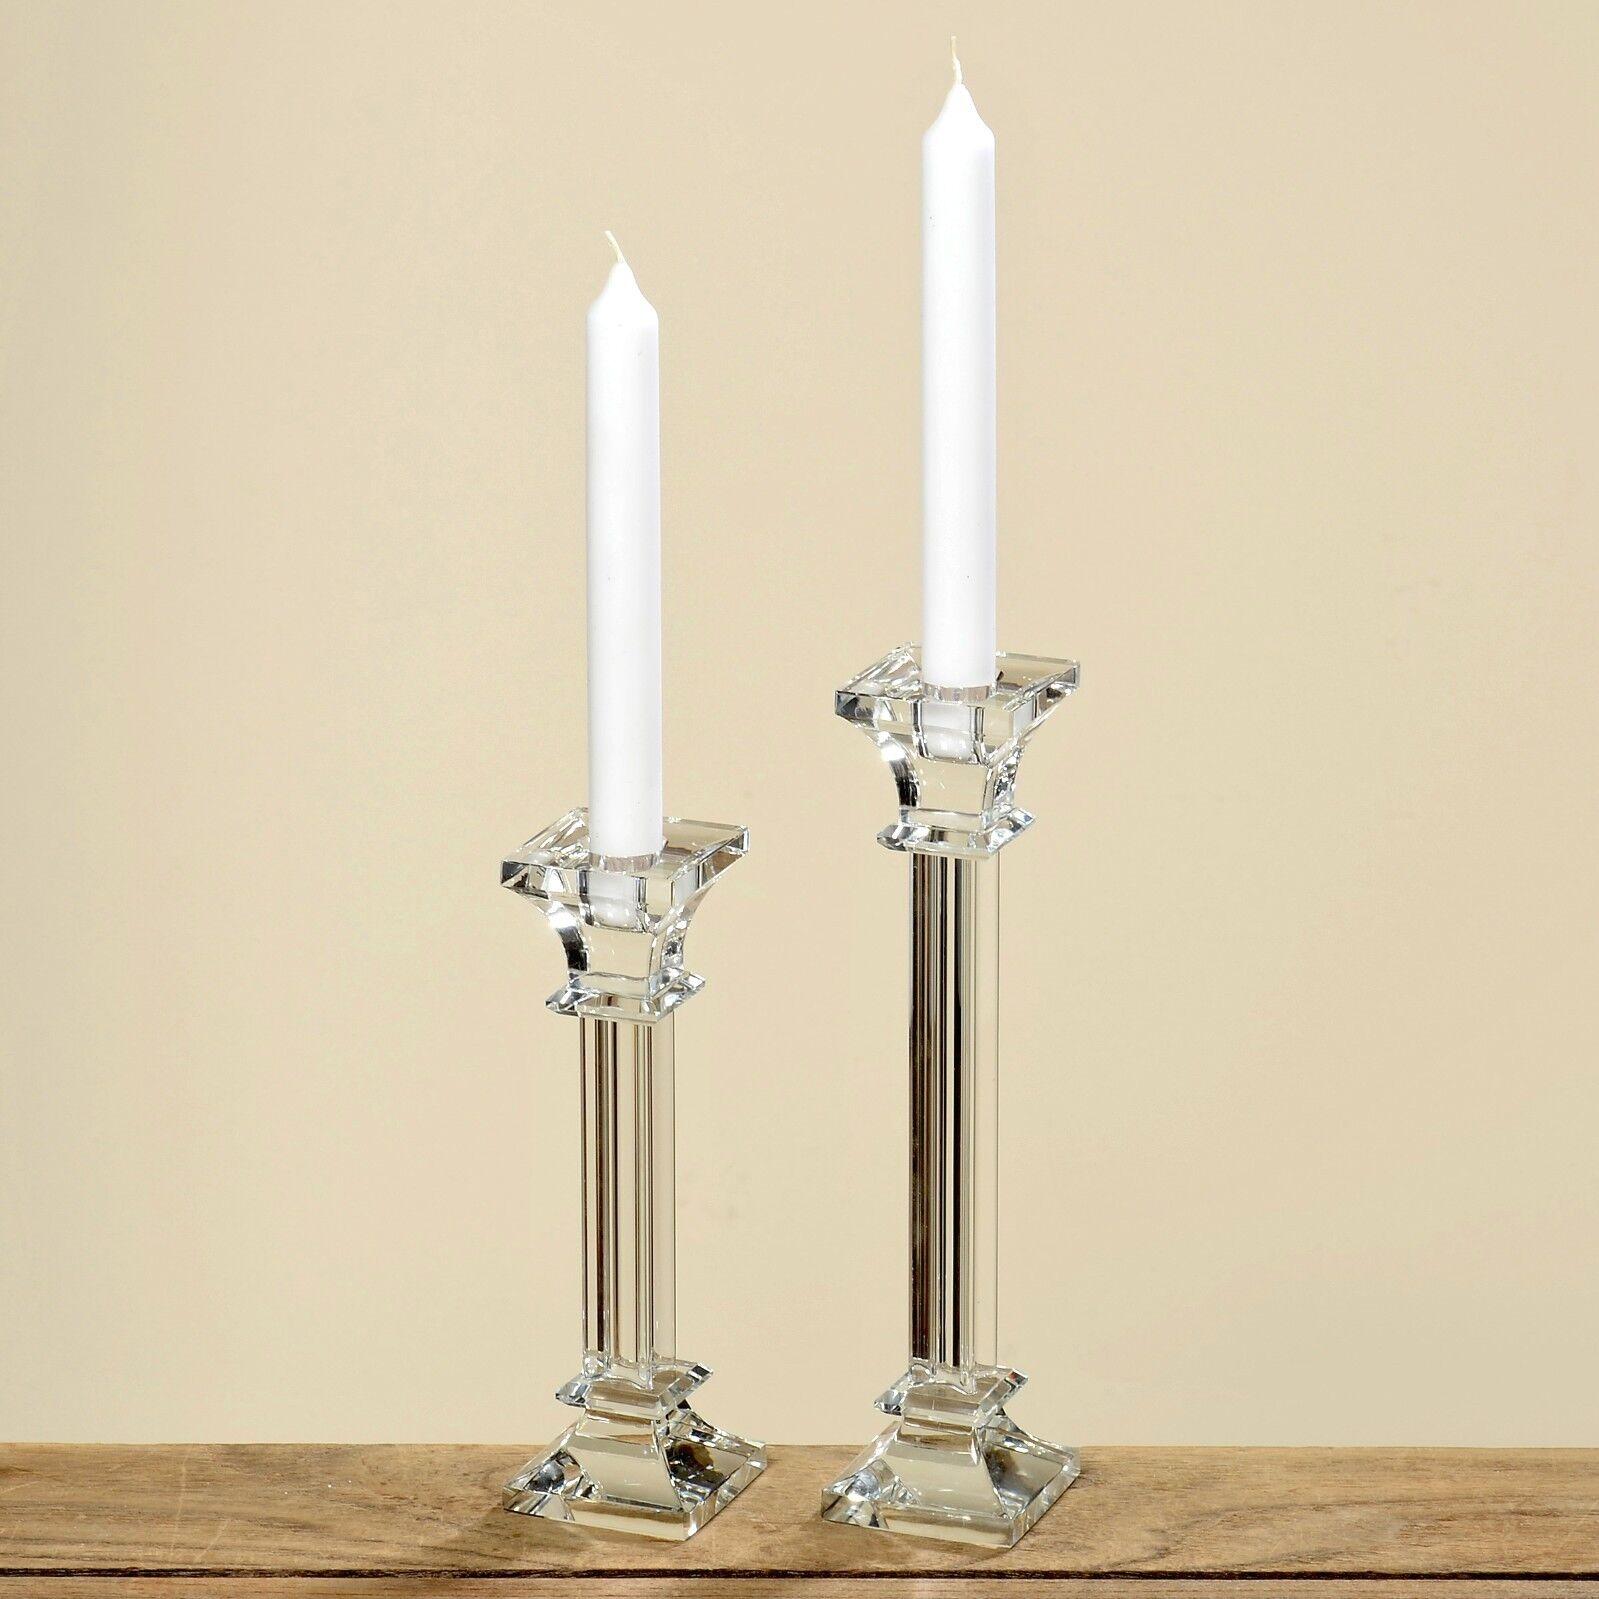 2er Set Kerzenleuchter Kerzenleuchter Kerzenleuchter Glas 2025 cm Kerzenständer Tischleuchter klar Kristall   Hohe Qualität und günstig  c7f0b3